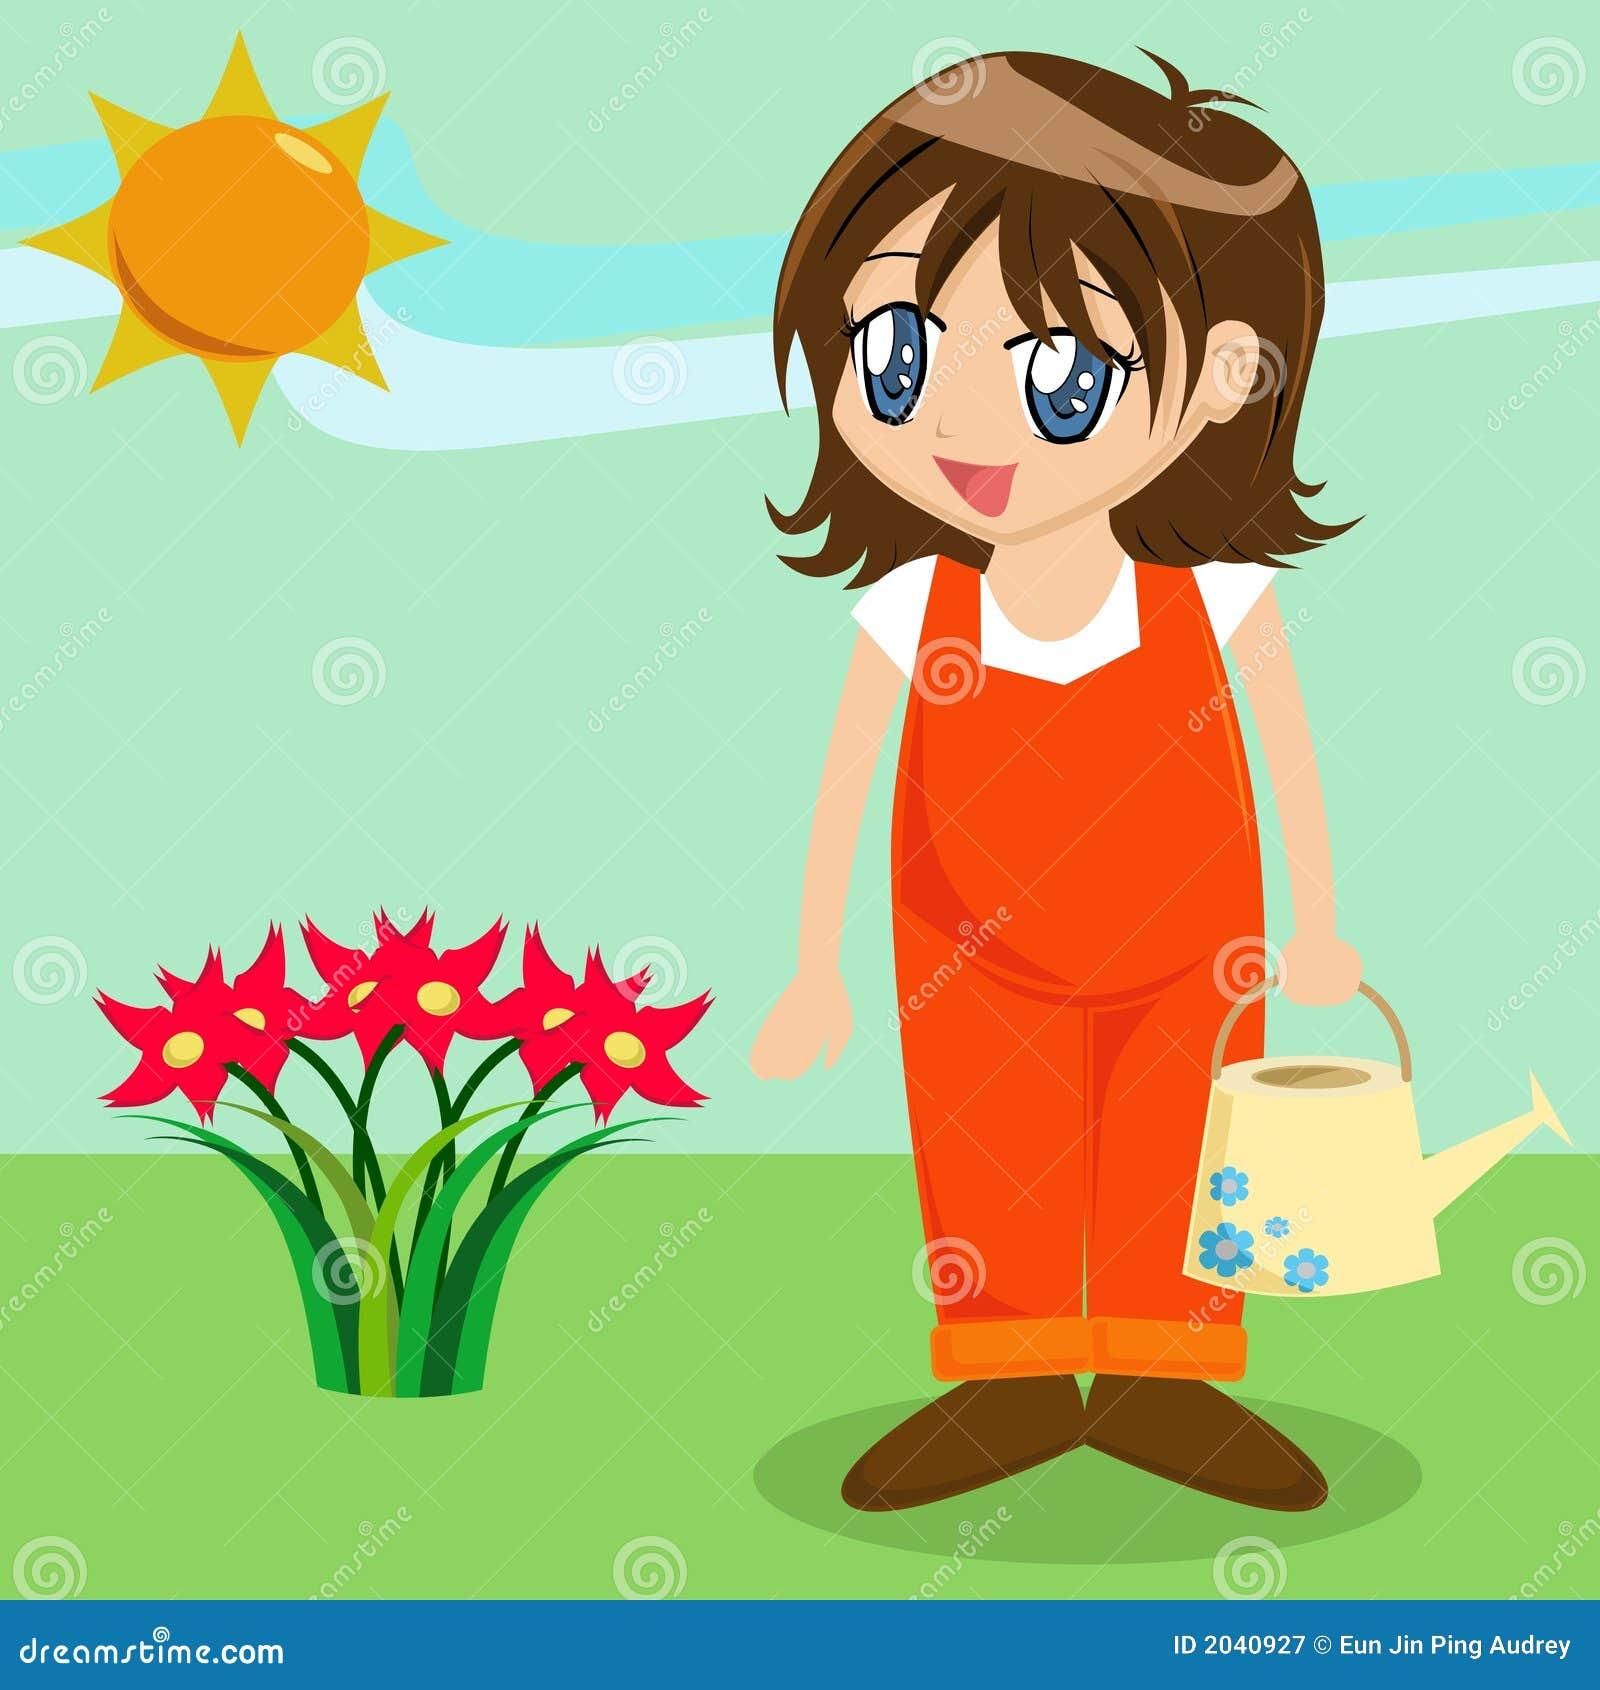 Garden Cute Cartoon: Cute Cartoon Girl In Garden Royalty Free Stock Photography